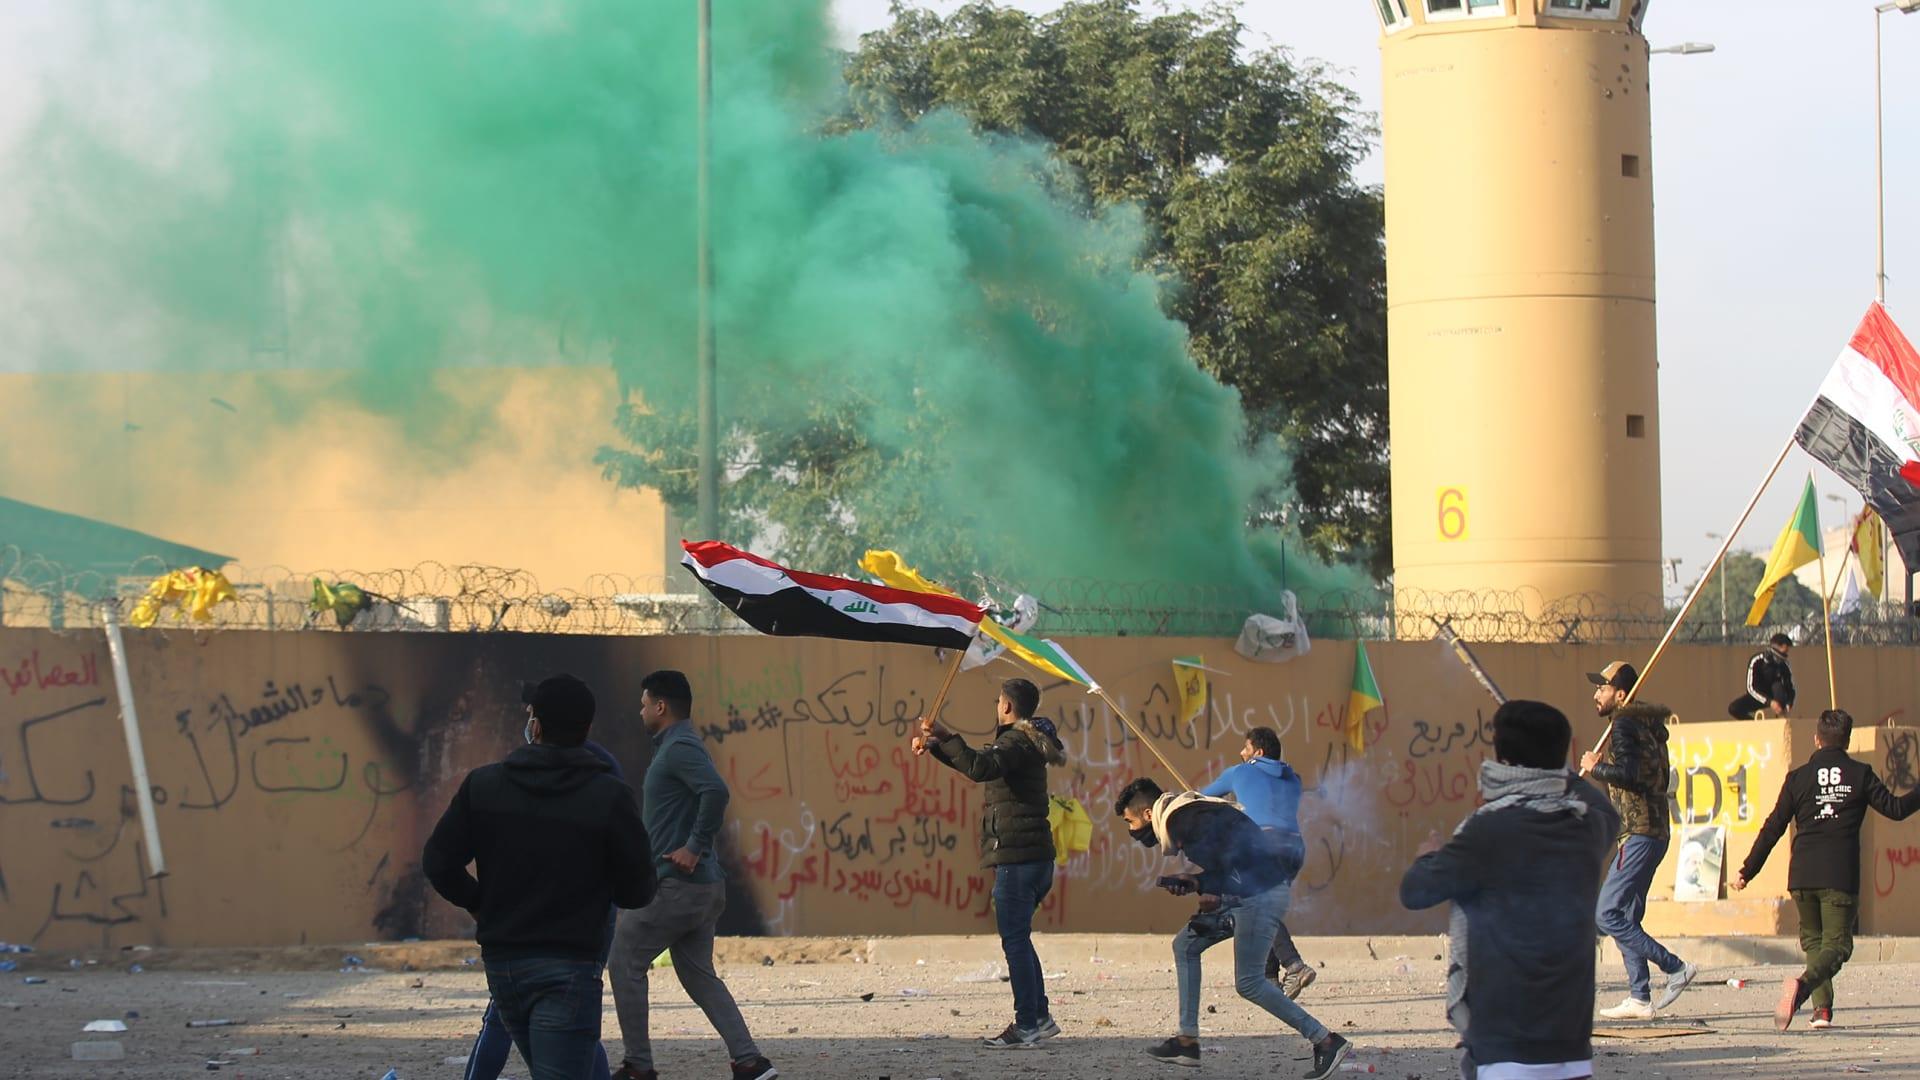 حصار سفارة واشنطن في بغداد.. جولة جديدة من الصراع مع إيران